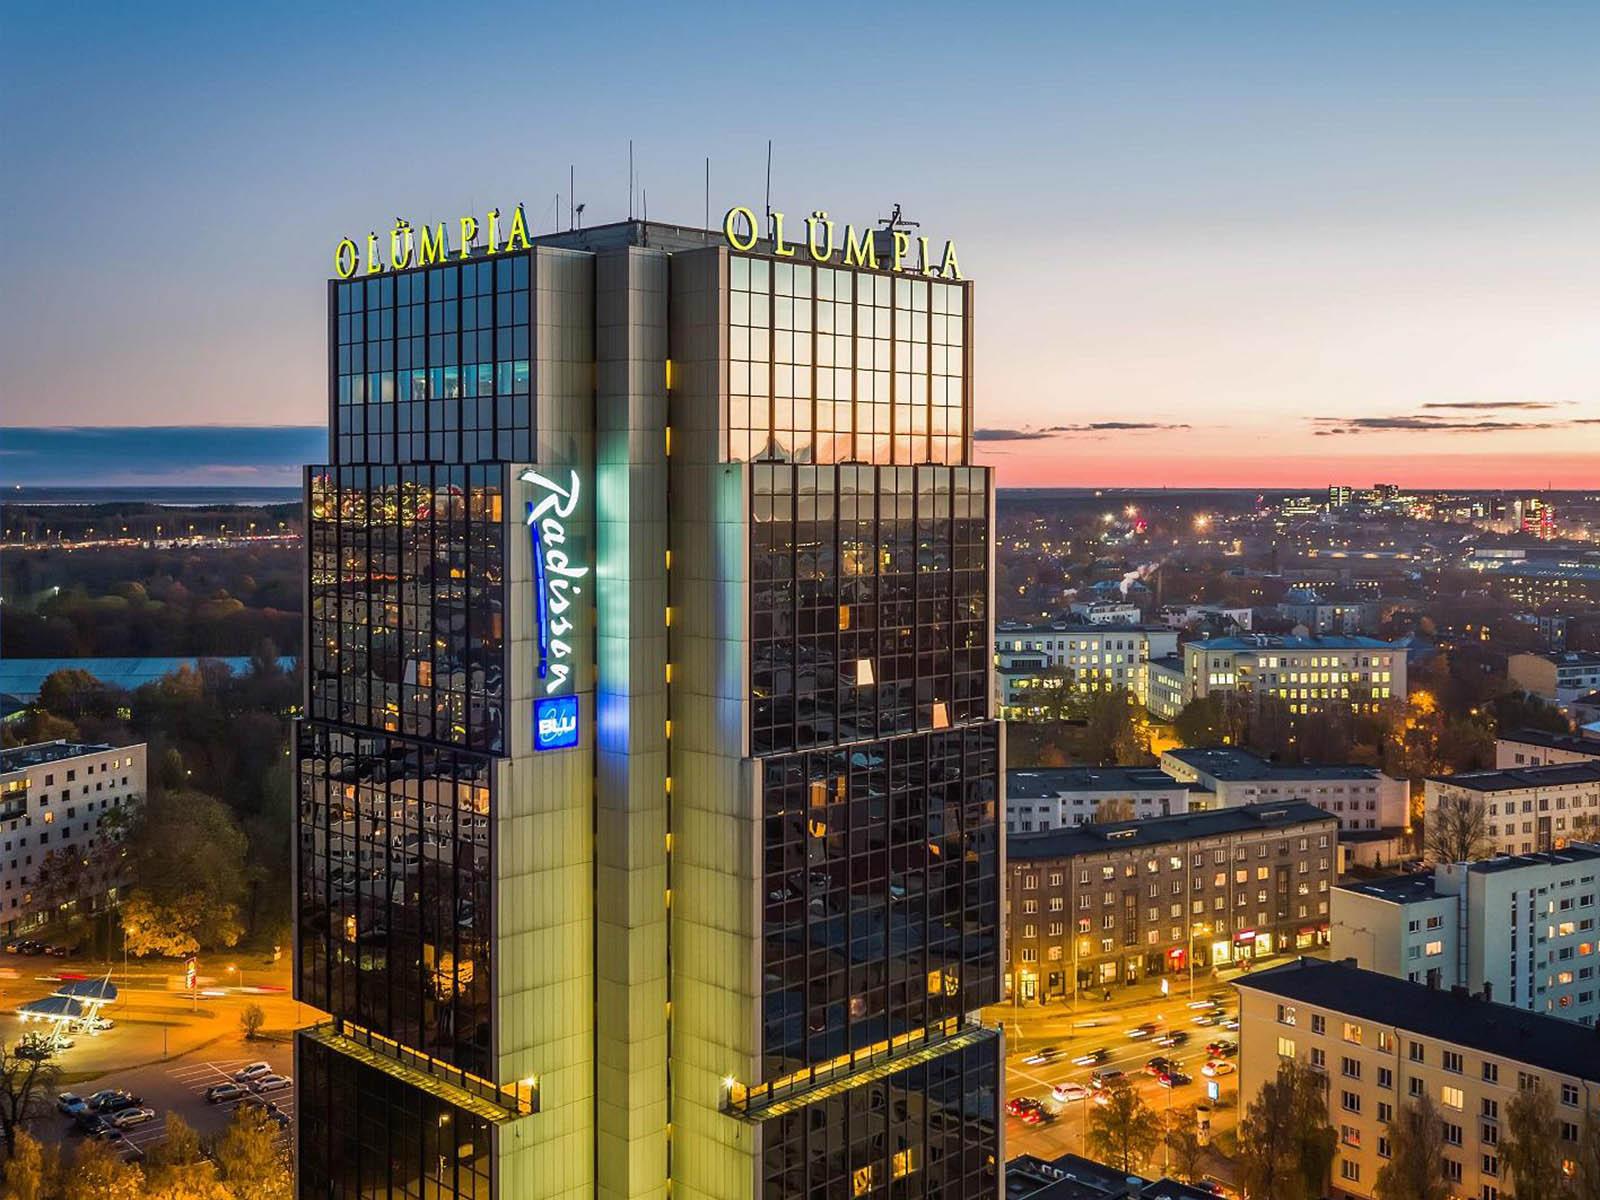 Radisson Blu Hotel Olümpia Tallinn